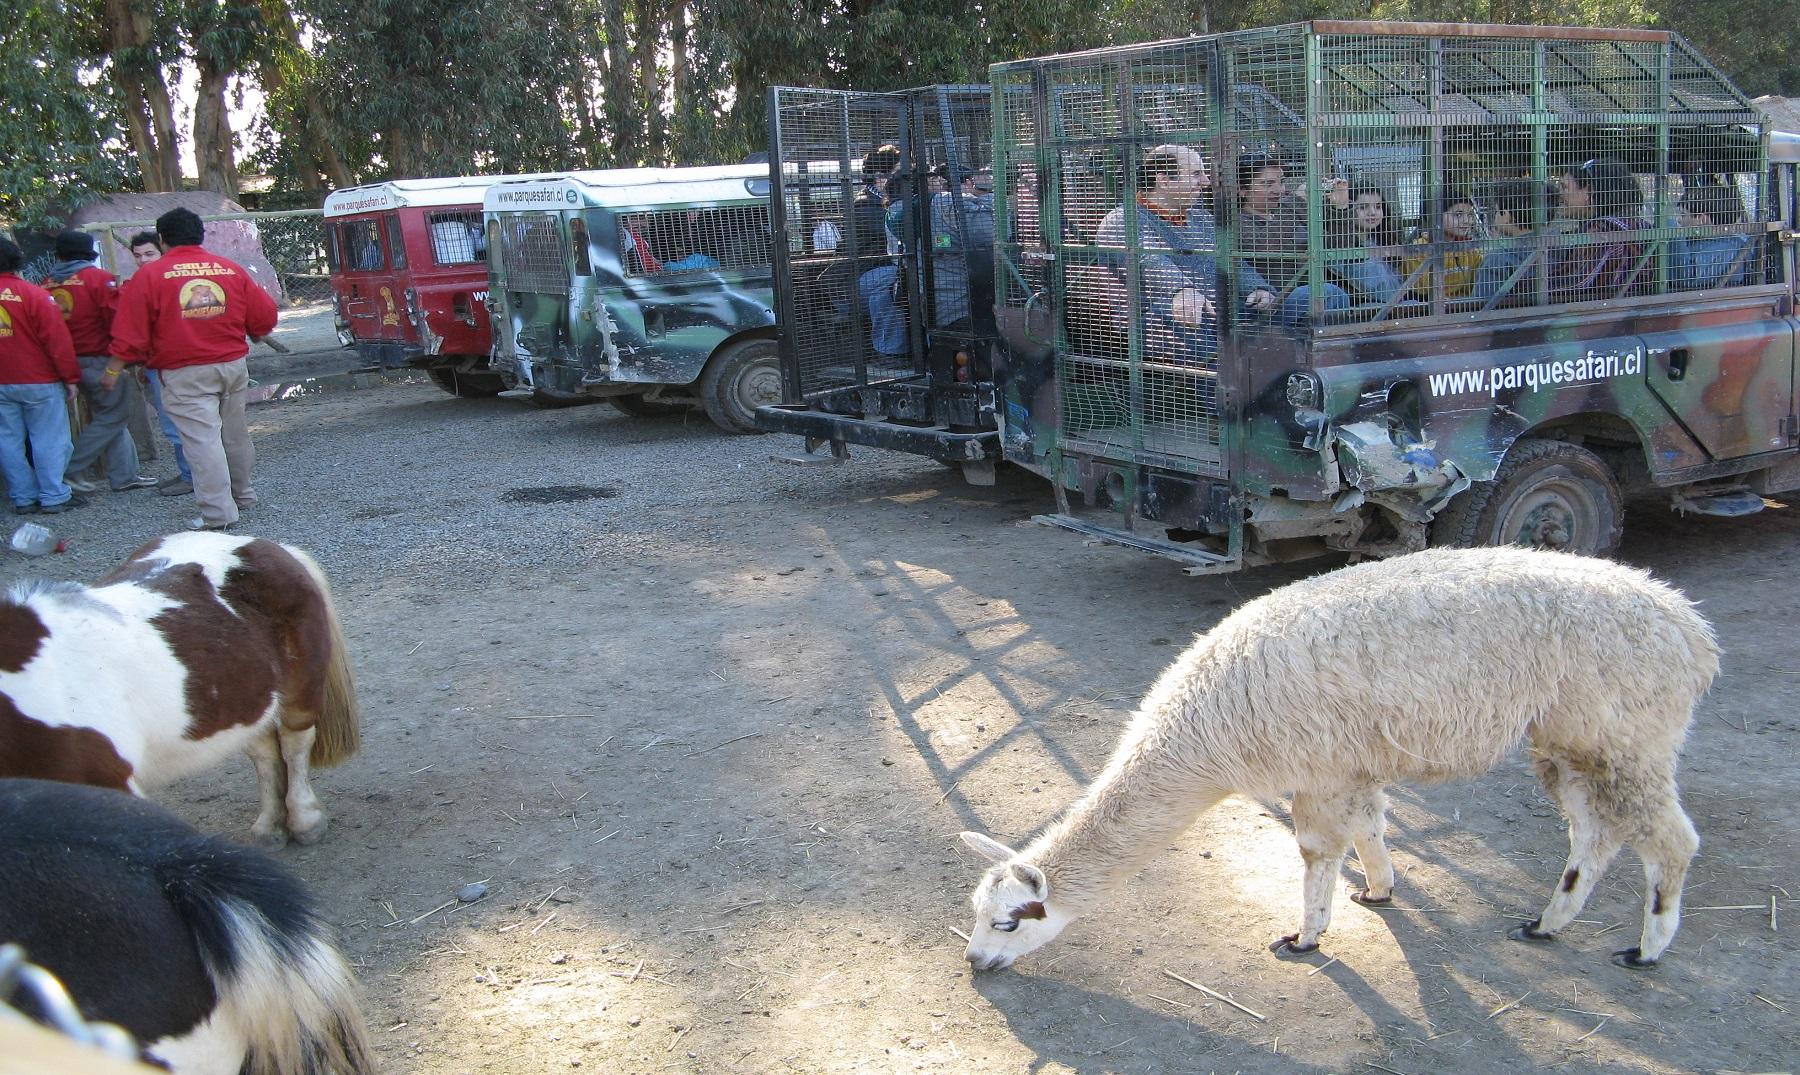 El Zoo donde los animales están libres y los humanos encerrados